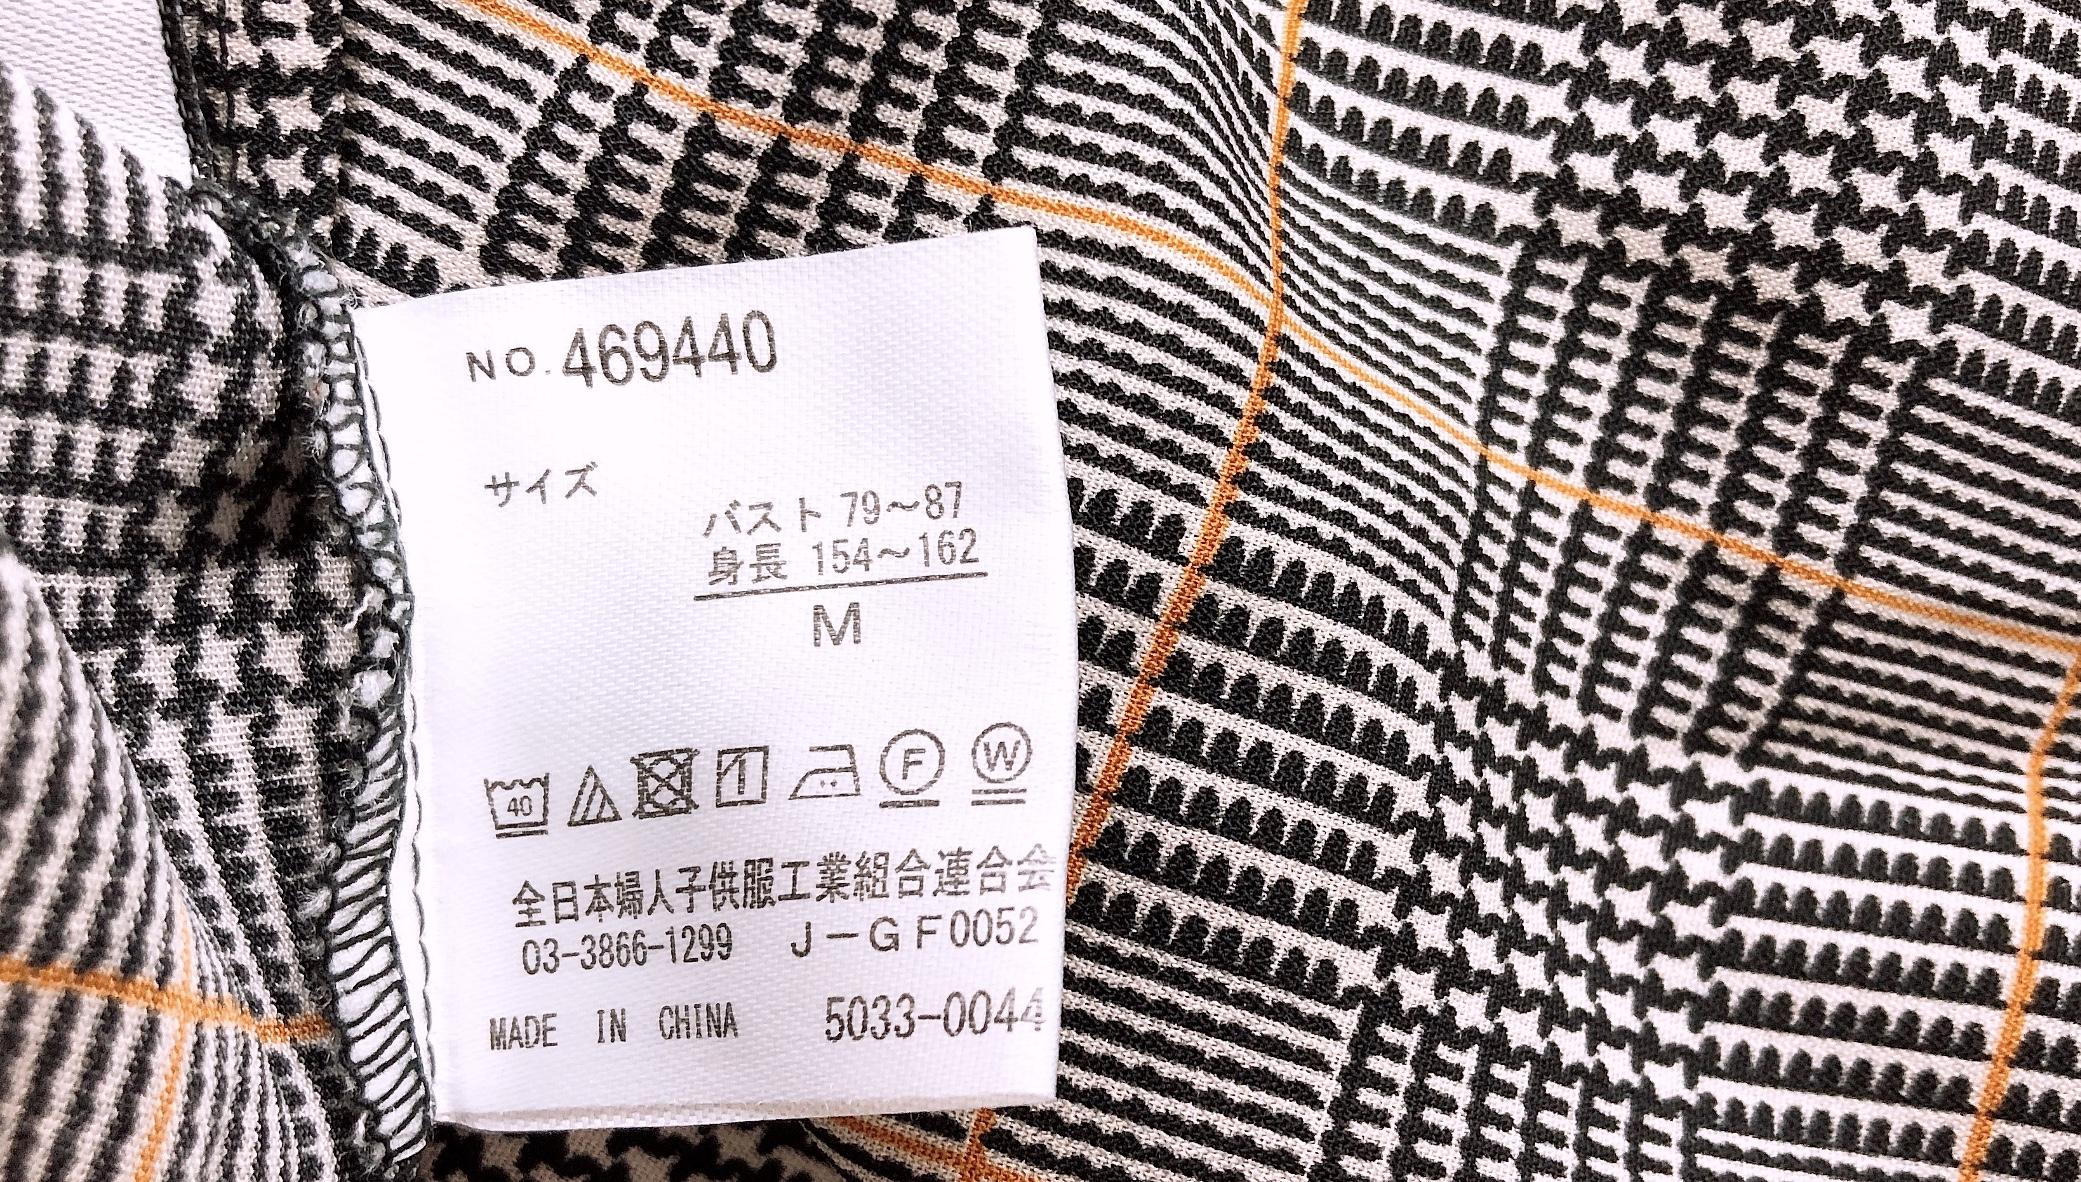 【しまむら】《¥1,500》ミドルハイネックが可愛い♩ギャザーで細見え*チェックブラウス_7